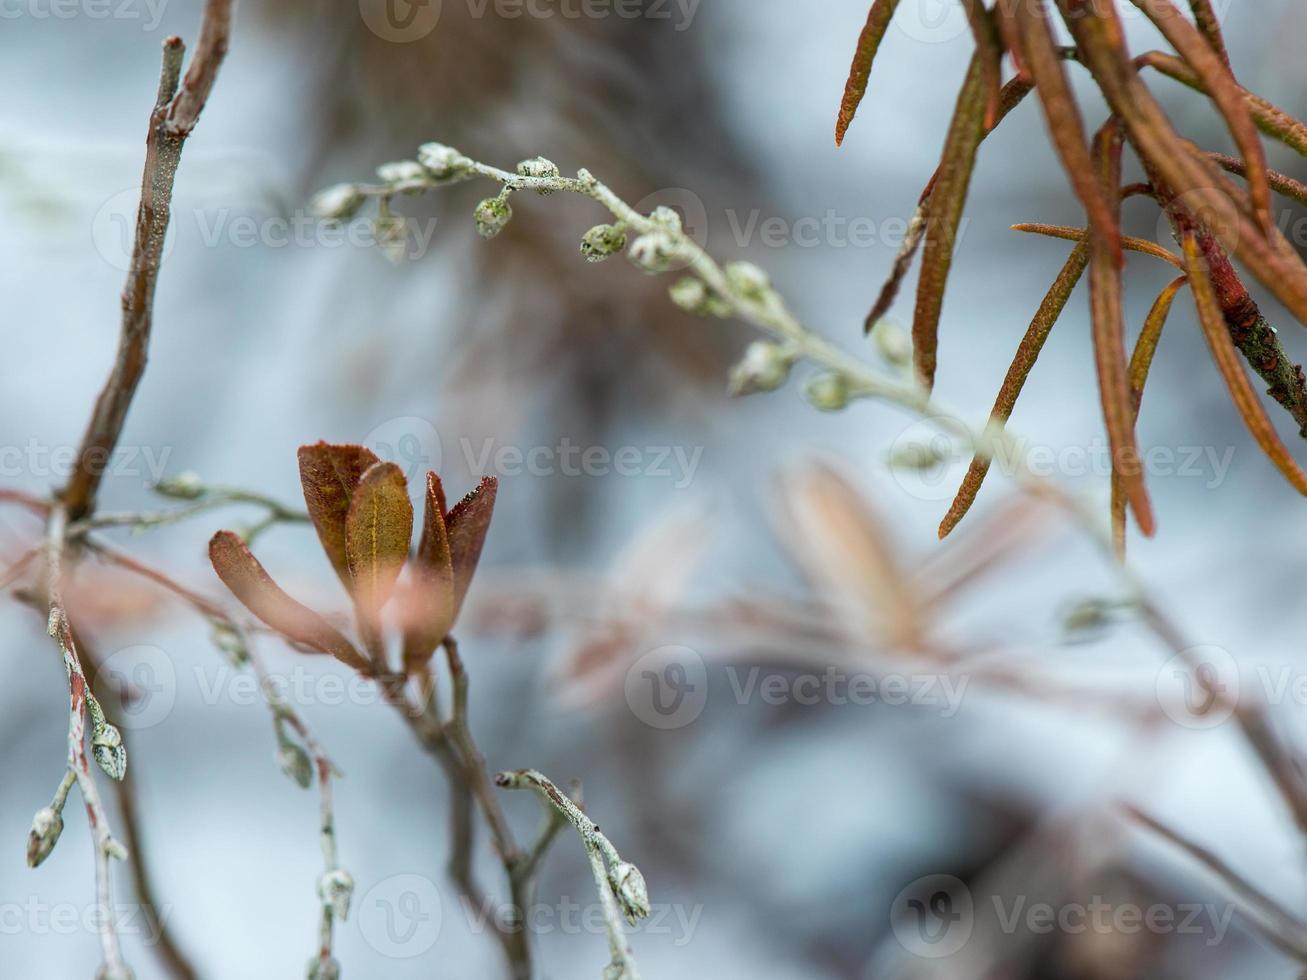 feuchte Pflanzenzweige im Winterwald foto